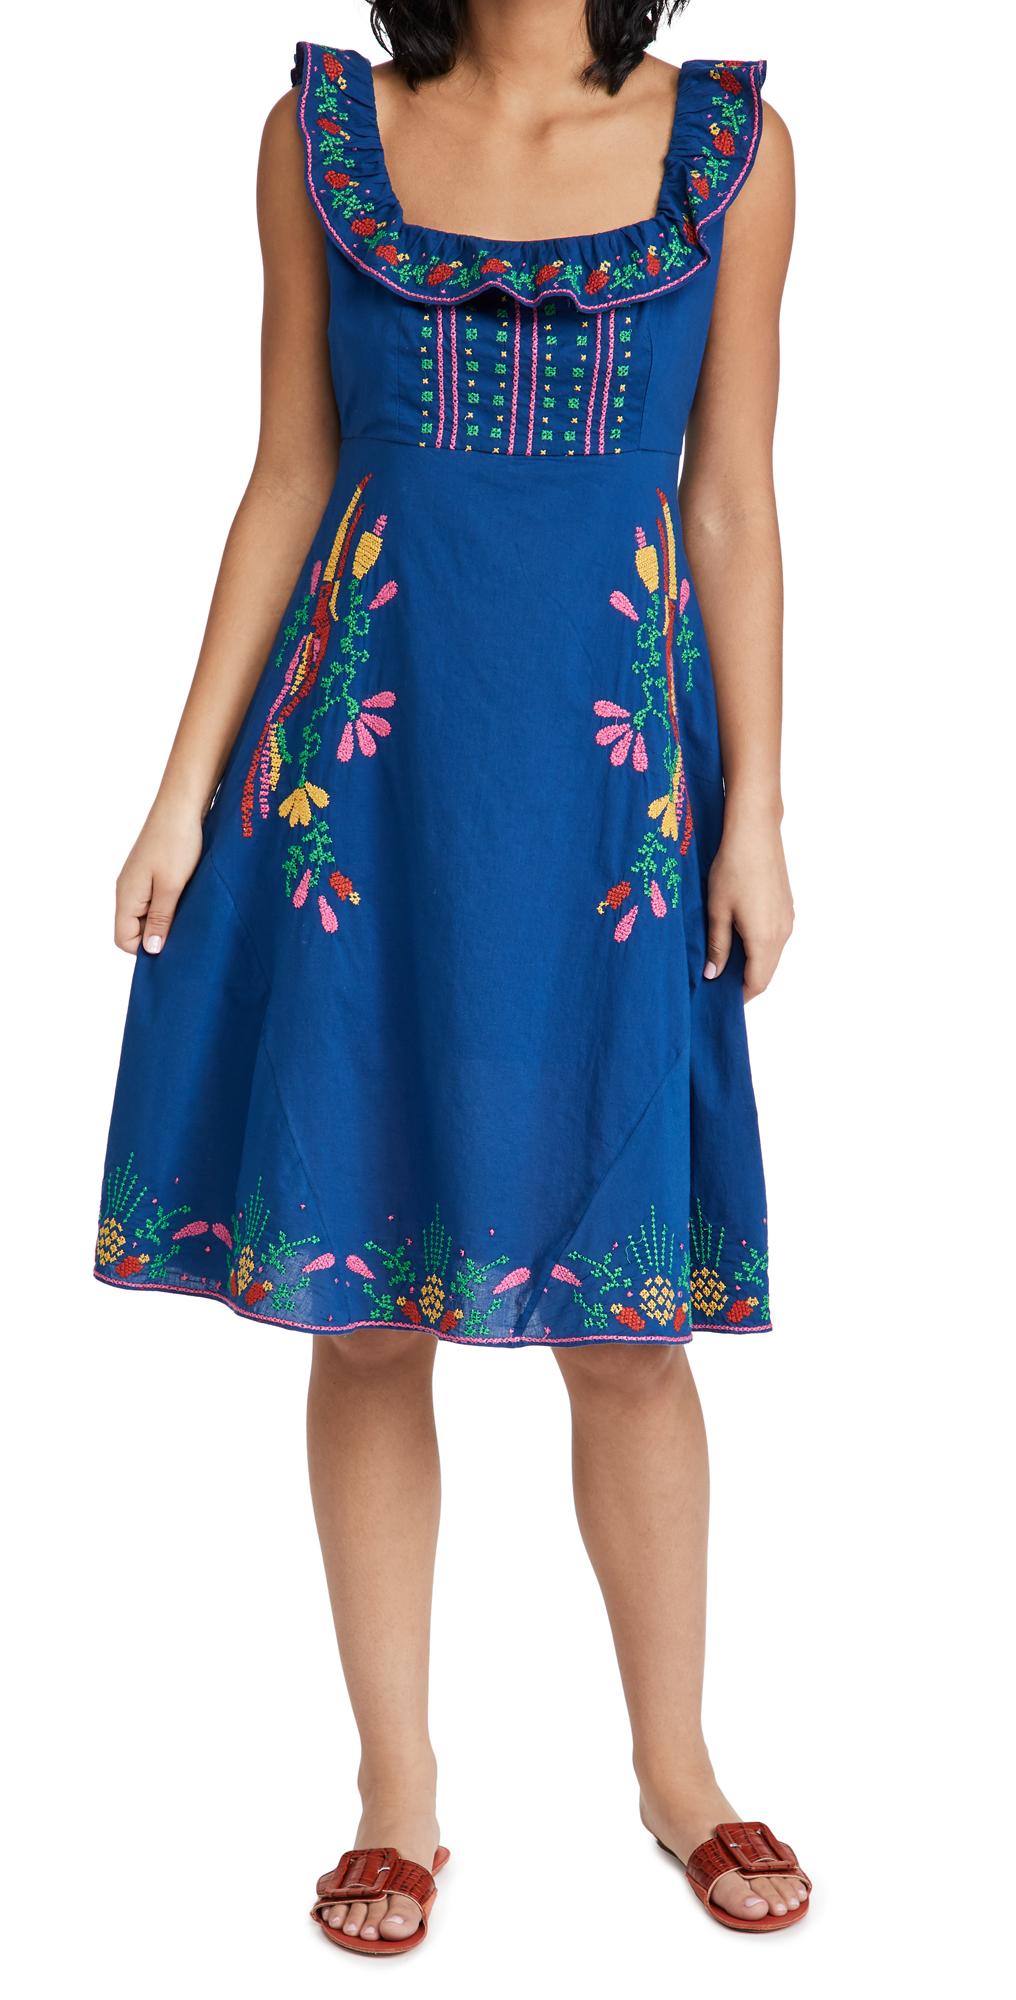 FARM Rio Cross Stitch Embroidered Midi Dress